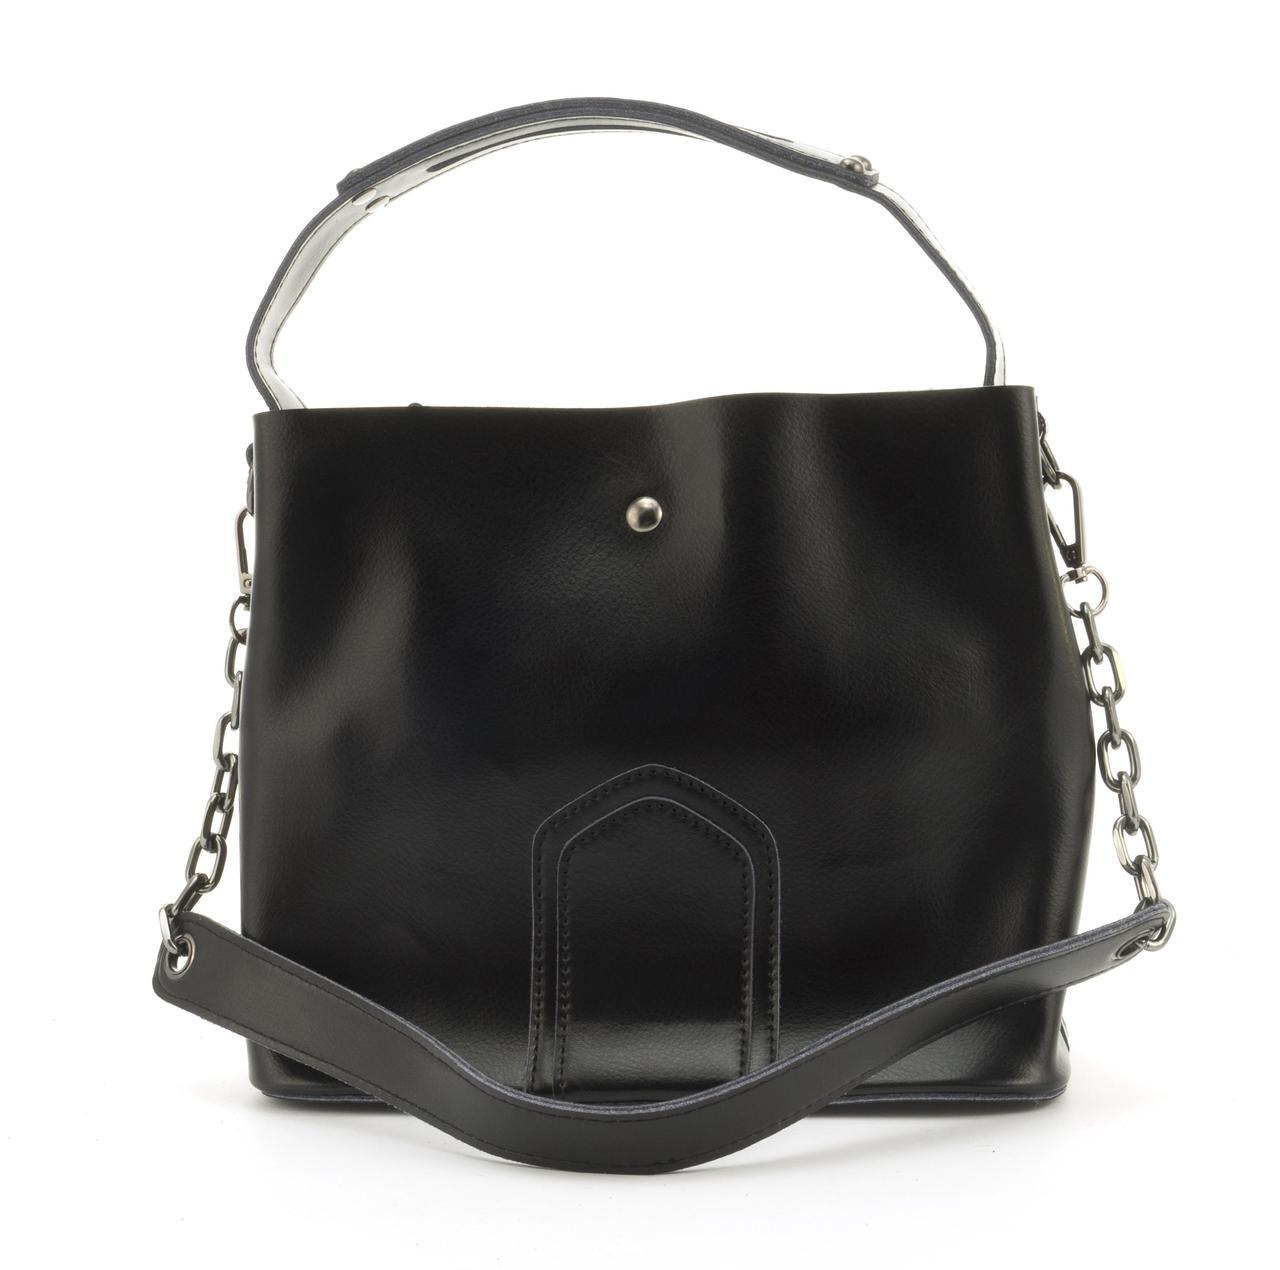 Стильная кожаная элитная женская сумка из кожи GALANTY art. 8641 Турция черная